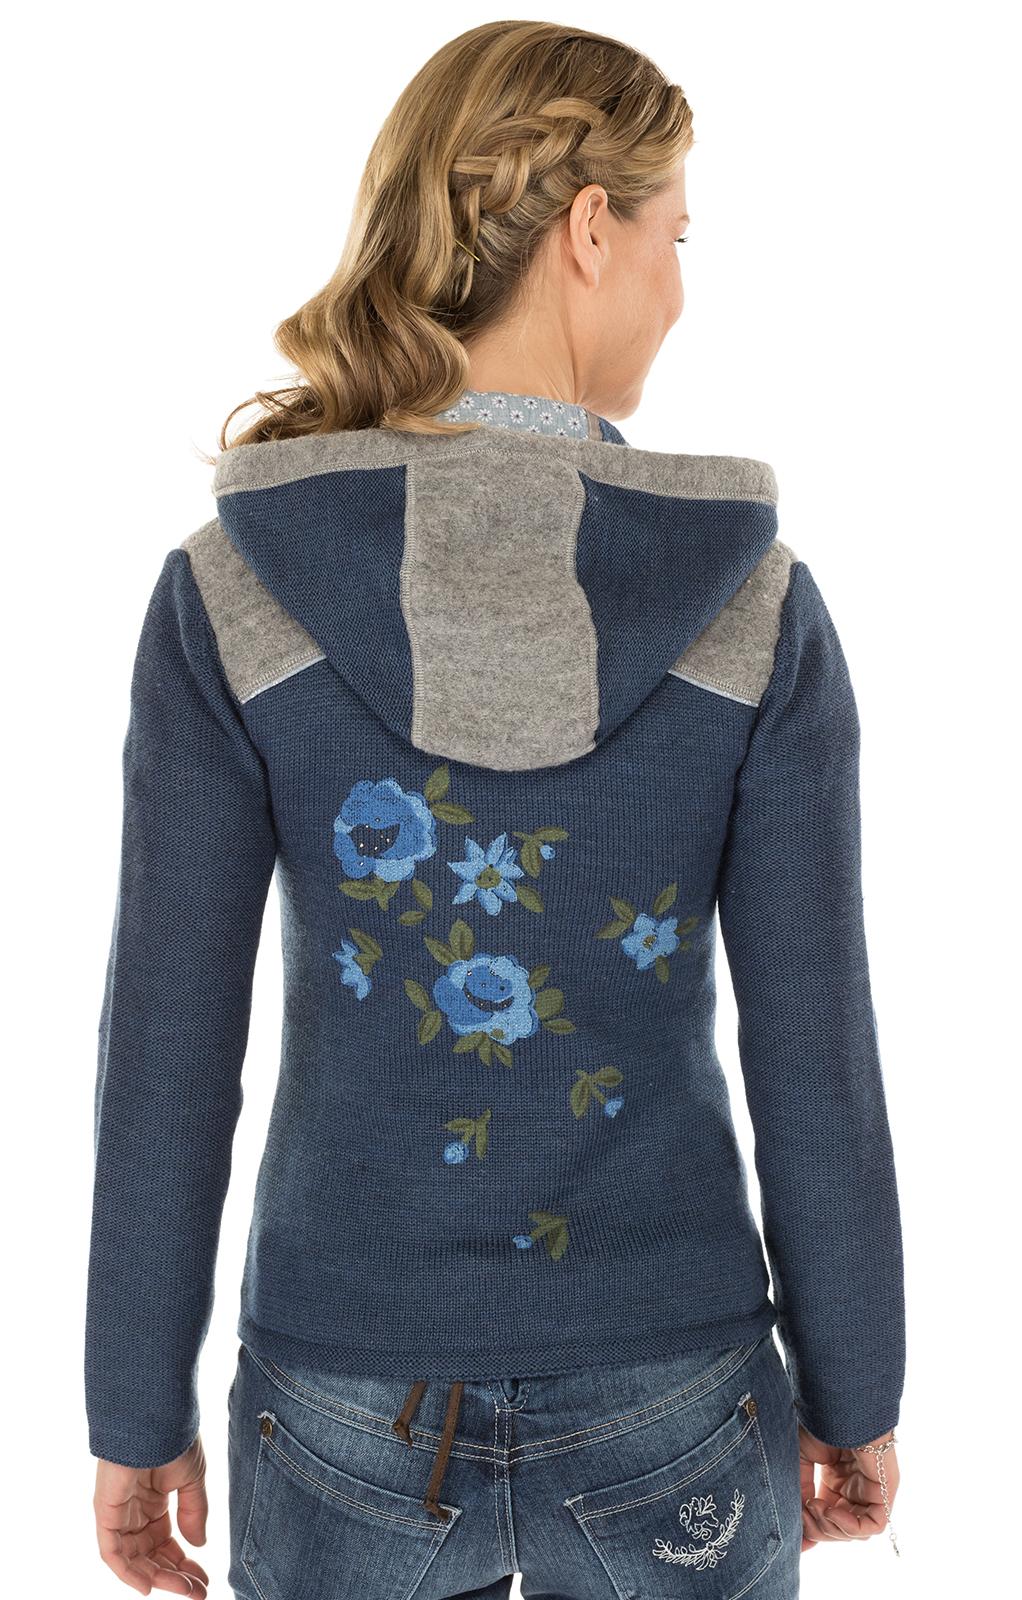 weitere Bilder von Trachten Strickjacke GRAINET jeansblau